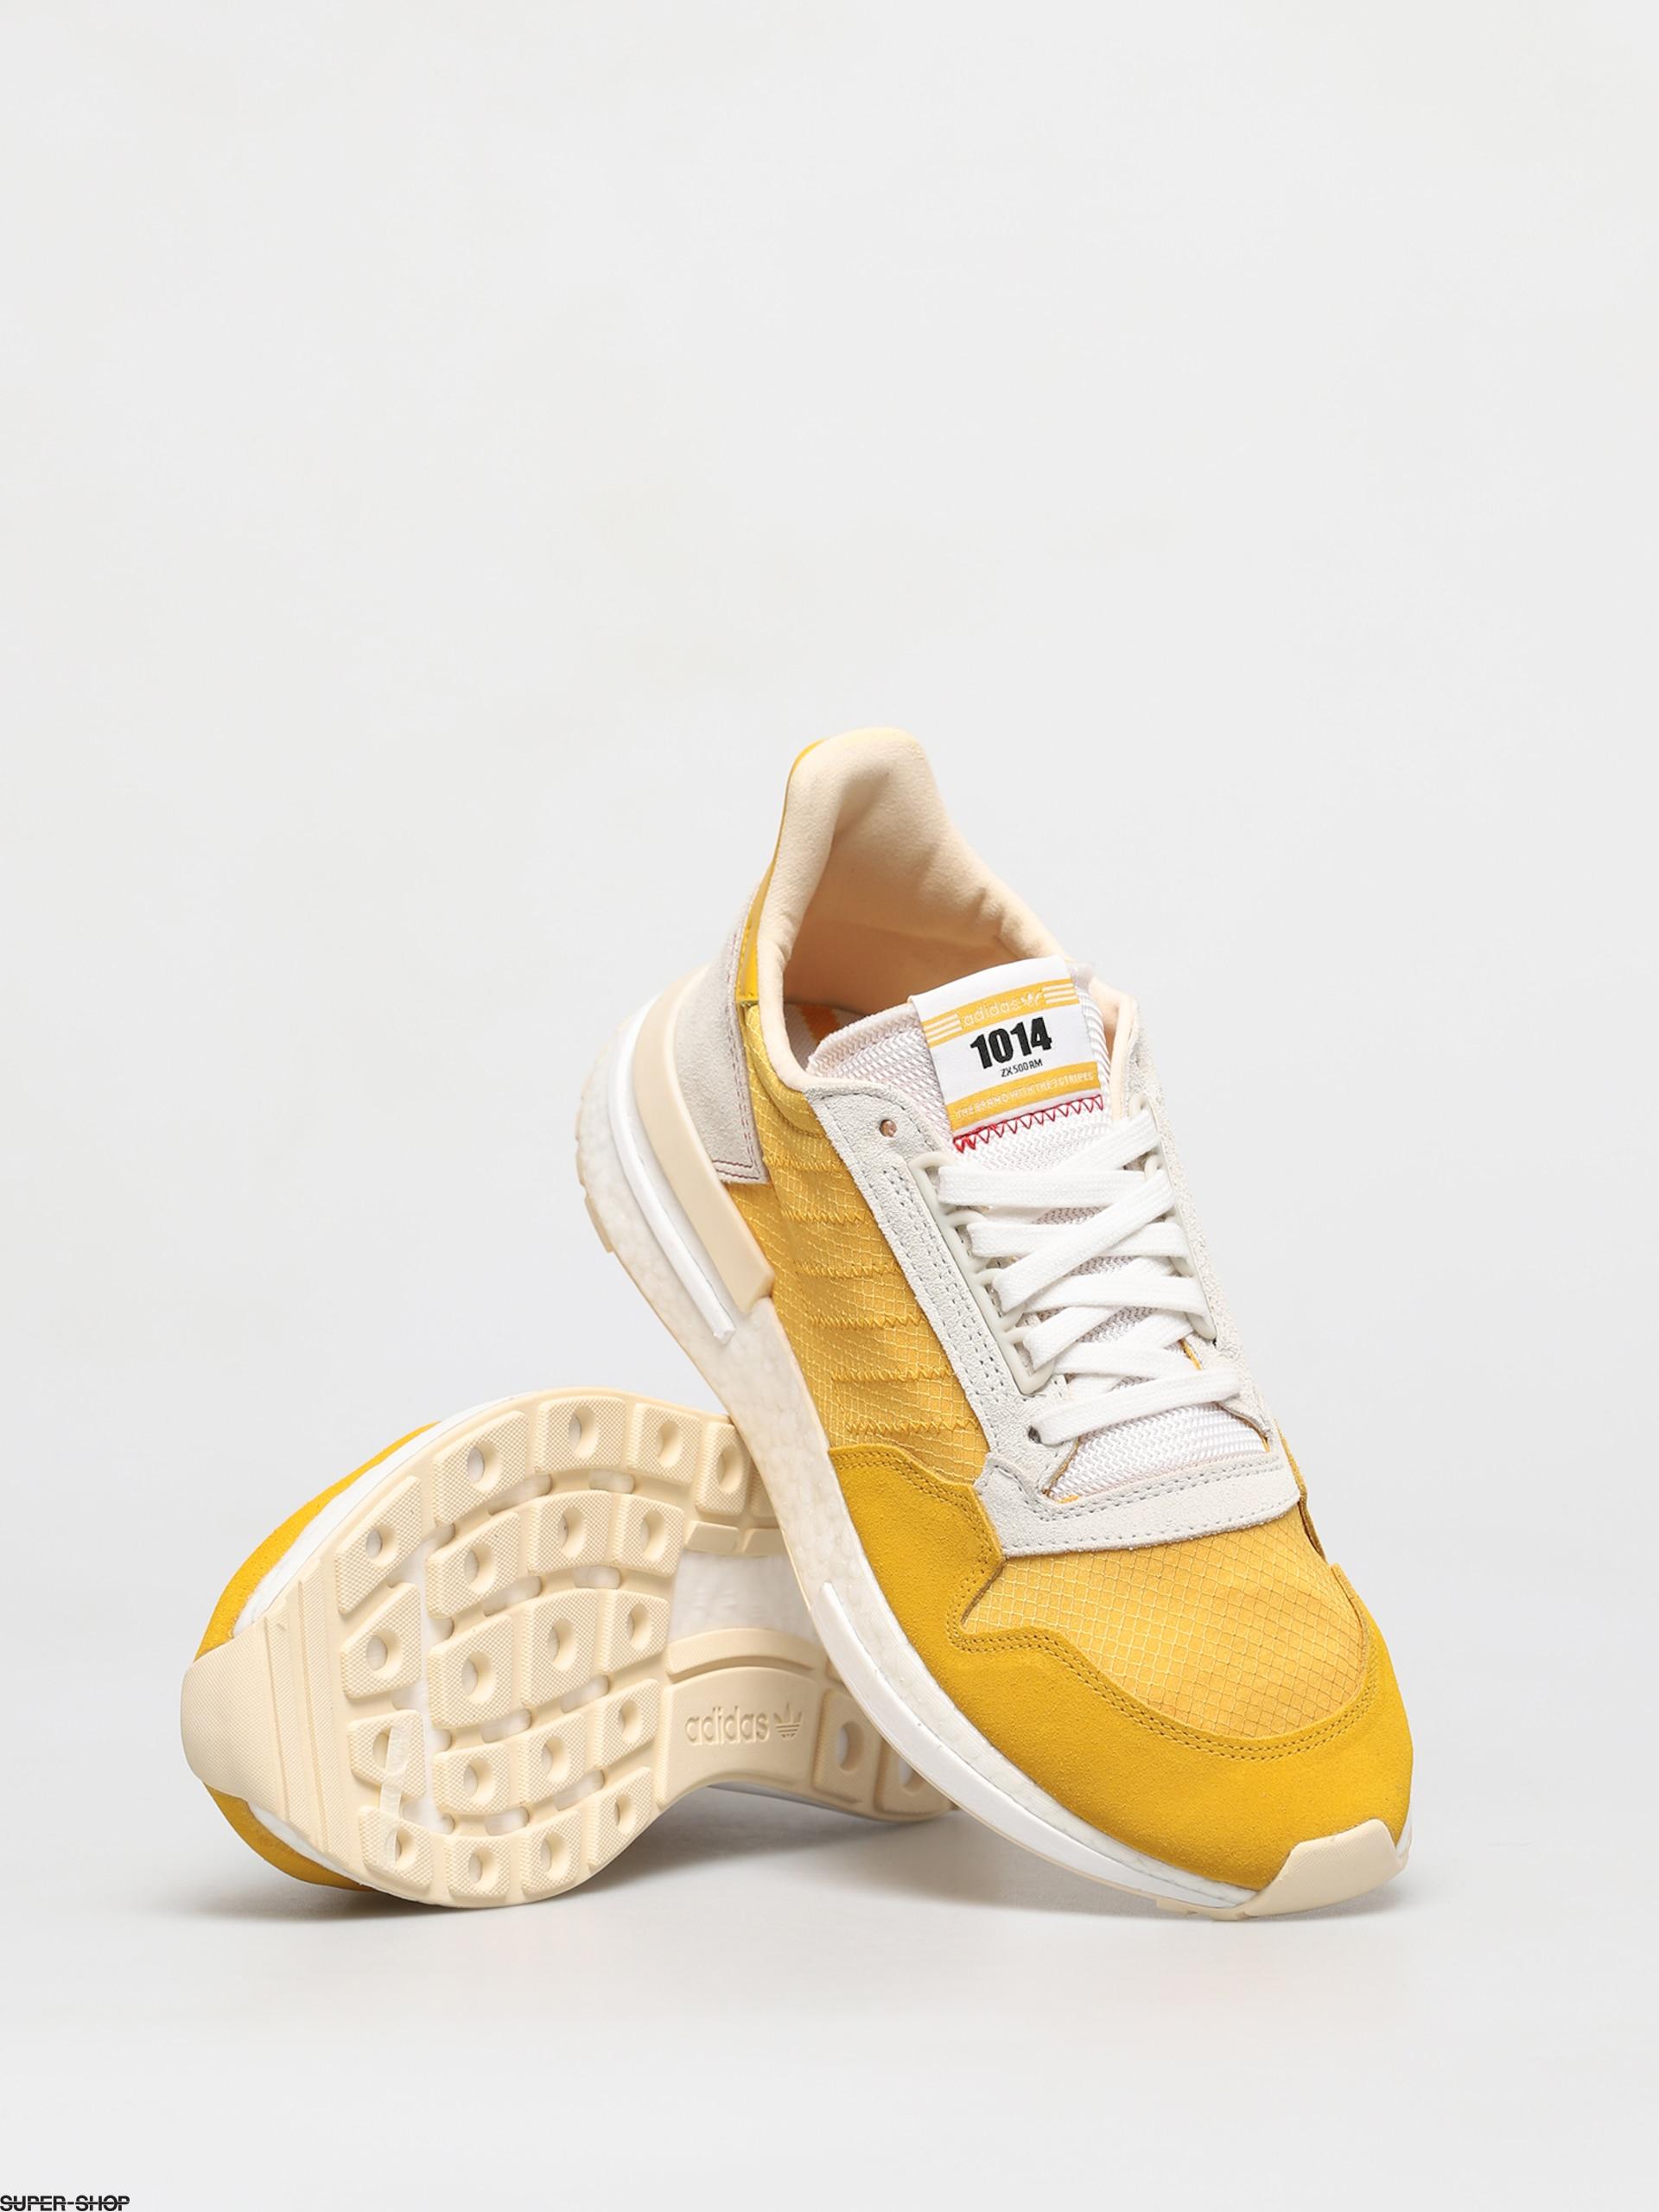 adidas 1014 zx 500 rm